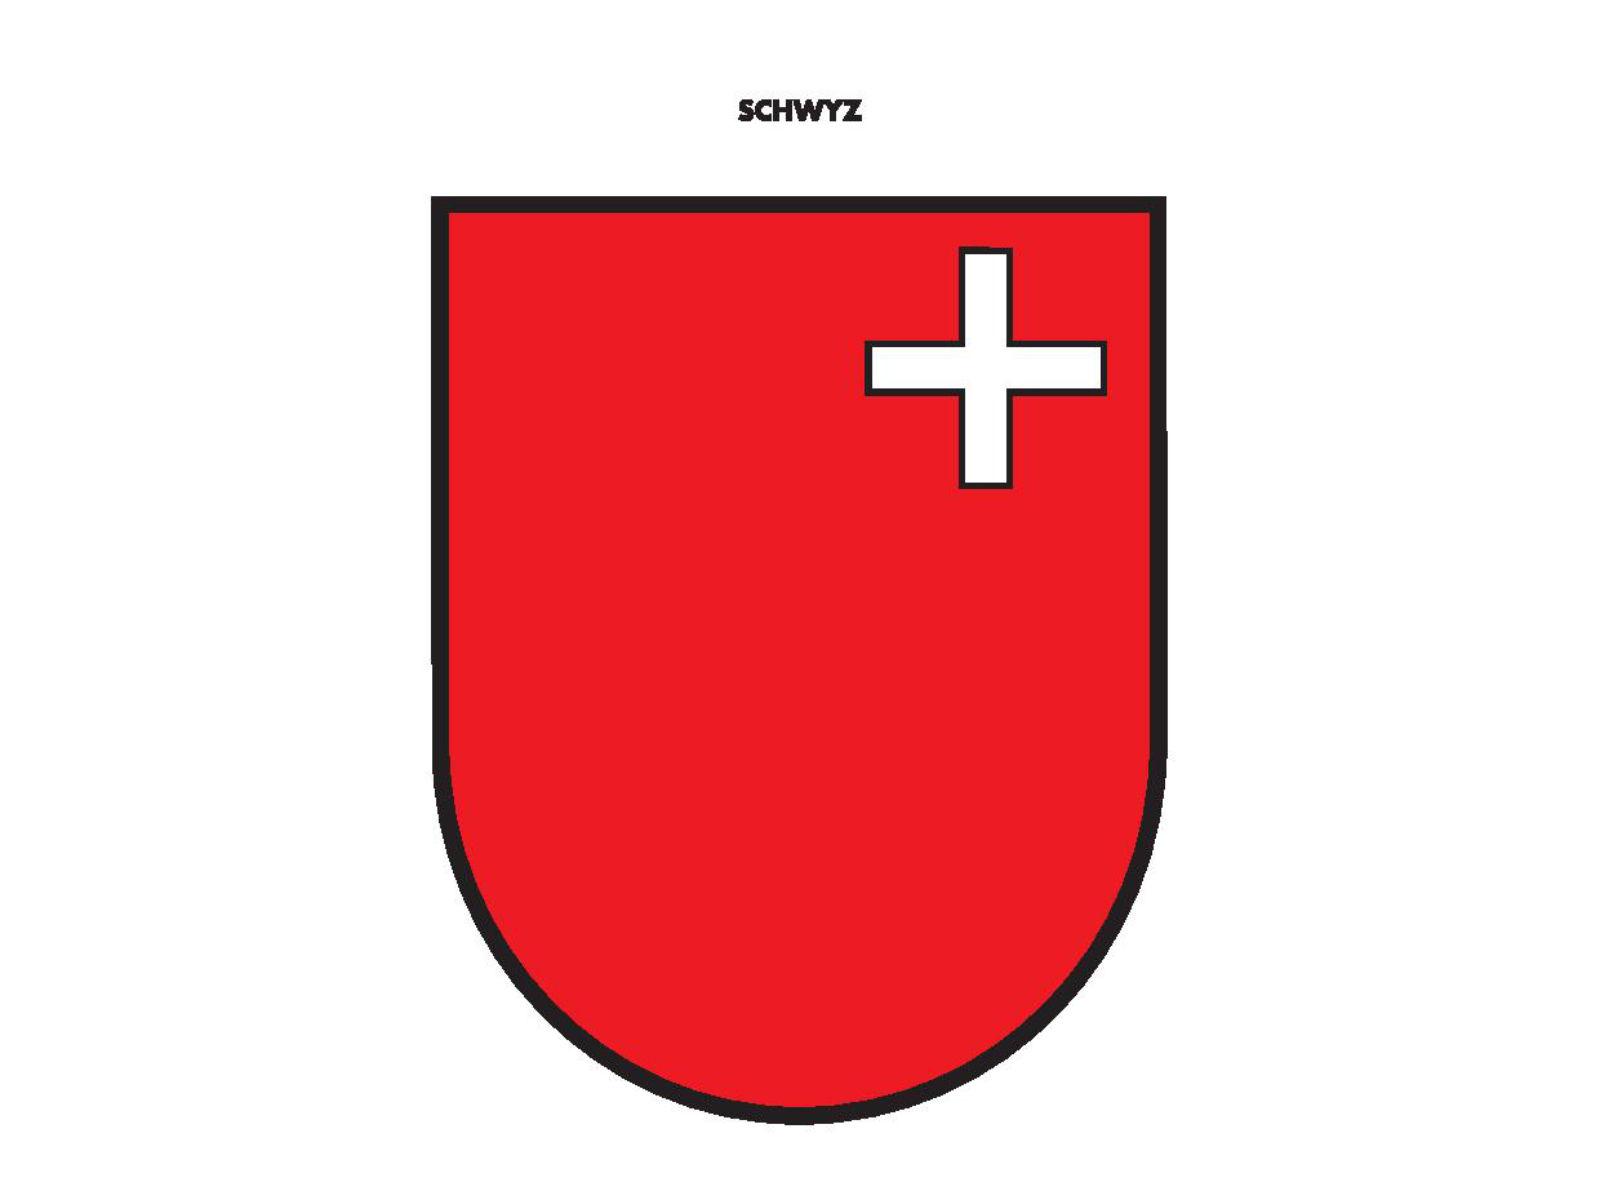 Schweizer Kantone – Schwyz